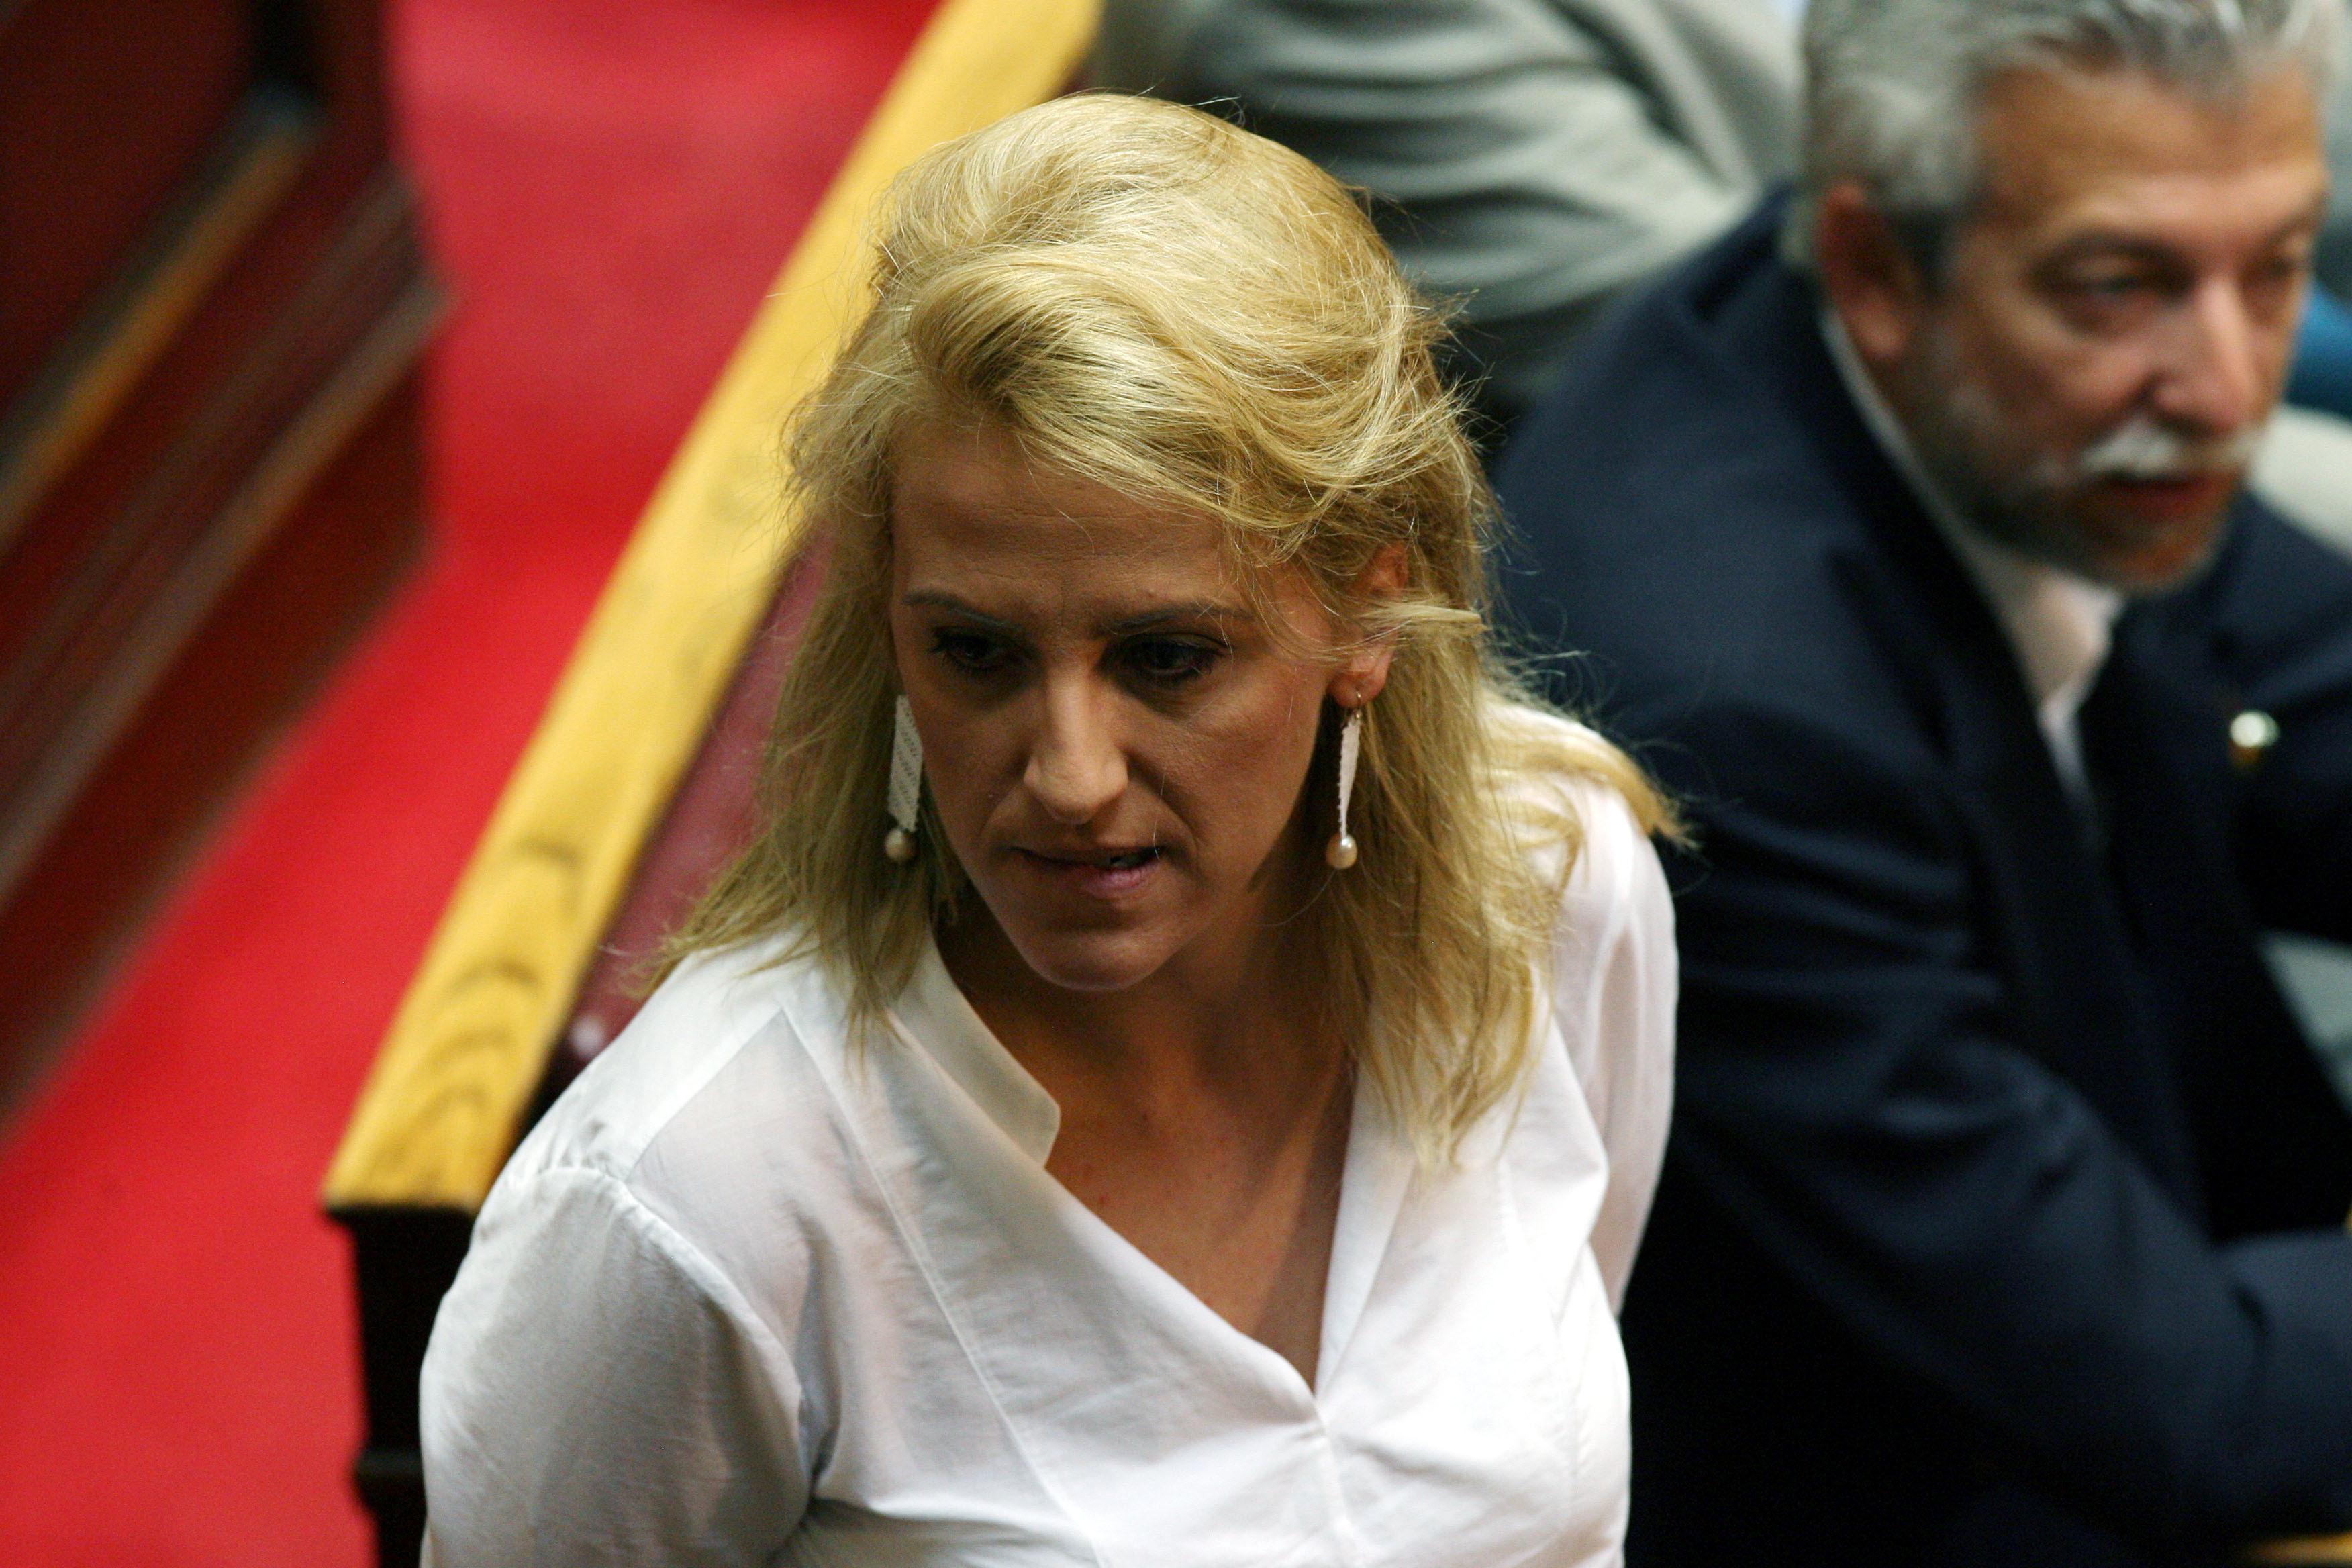 Ρένα Δούρου: Ο Θεοδωράκης δεν νοιάζεται για τον Σαρωνικό αλλά για τις ψήφους